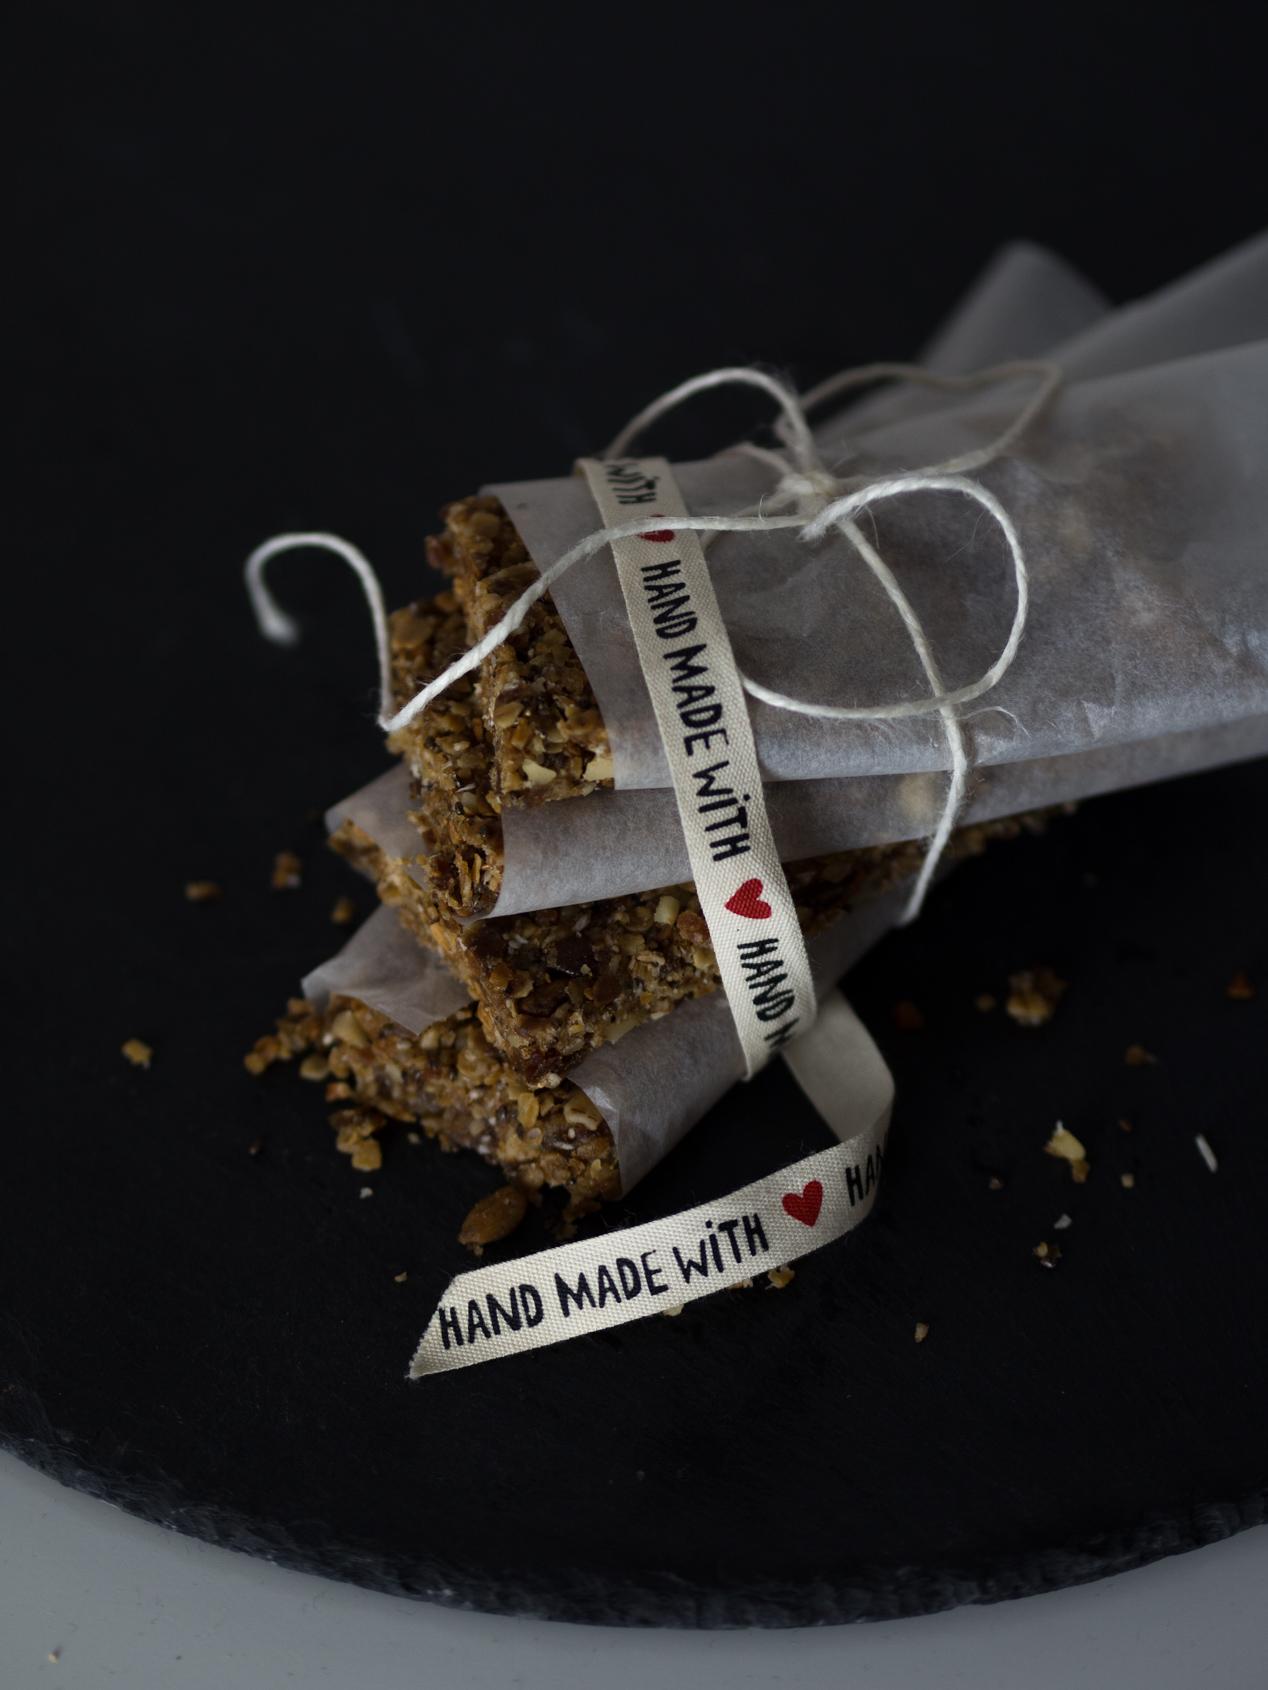 Raw Bars, Rezept, Vegan, Datteln, Nüsse, Haferflocken, Selbstgemacht, Energieriegel, ohne Zucker, Eiweis, www.lakatyfox.com